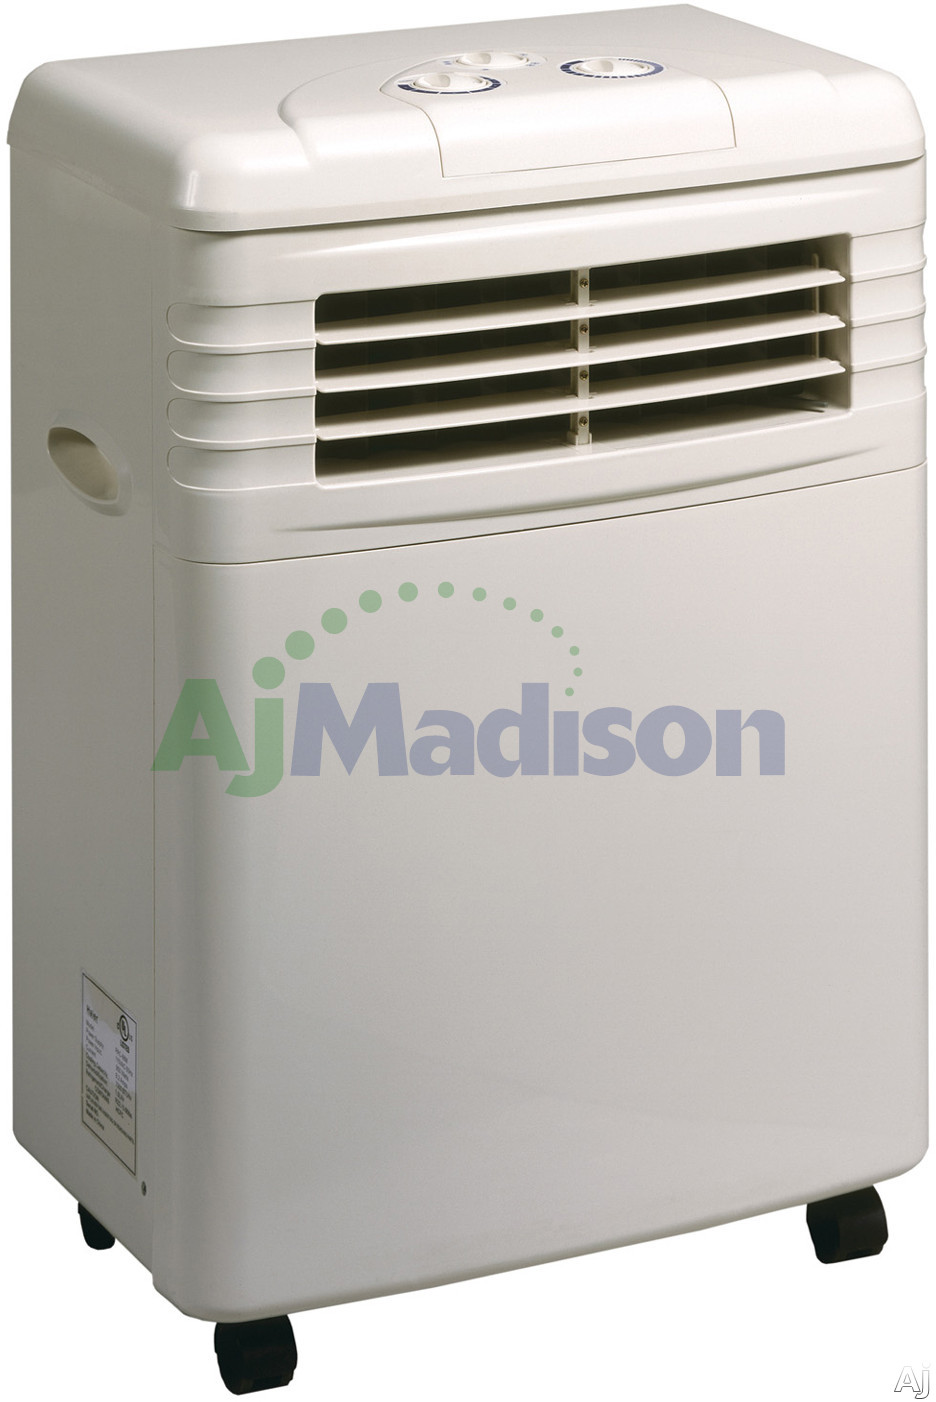 Haier Hpac7m 7 000 Btu Portable Series Air Conditioner